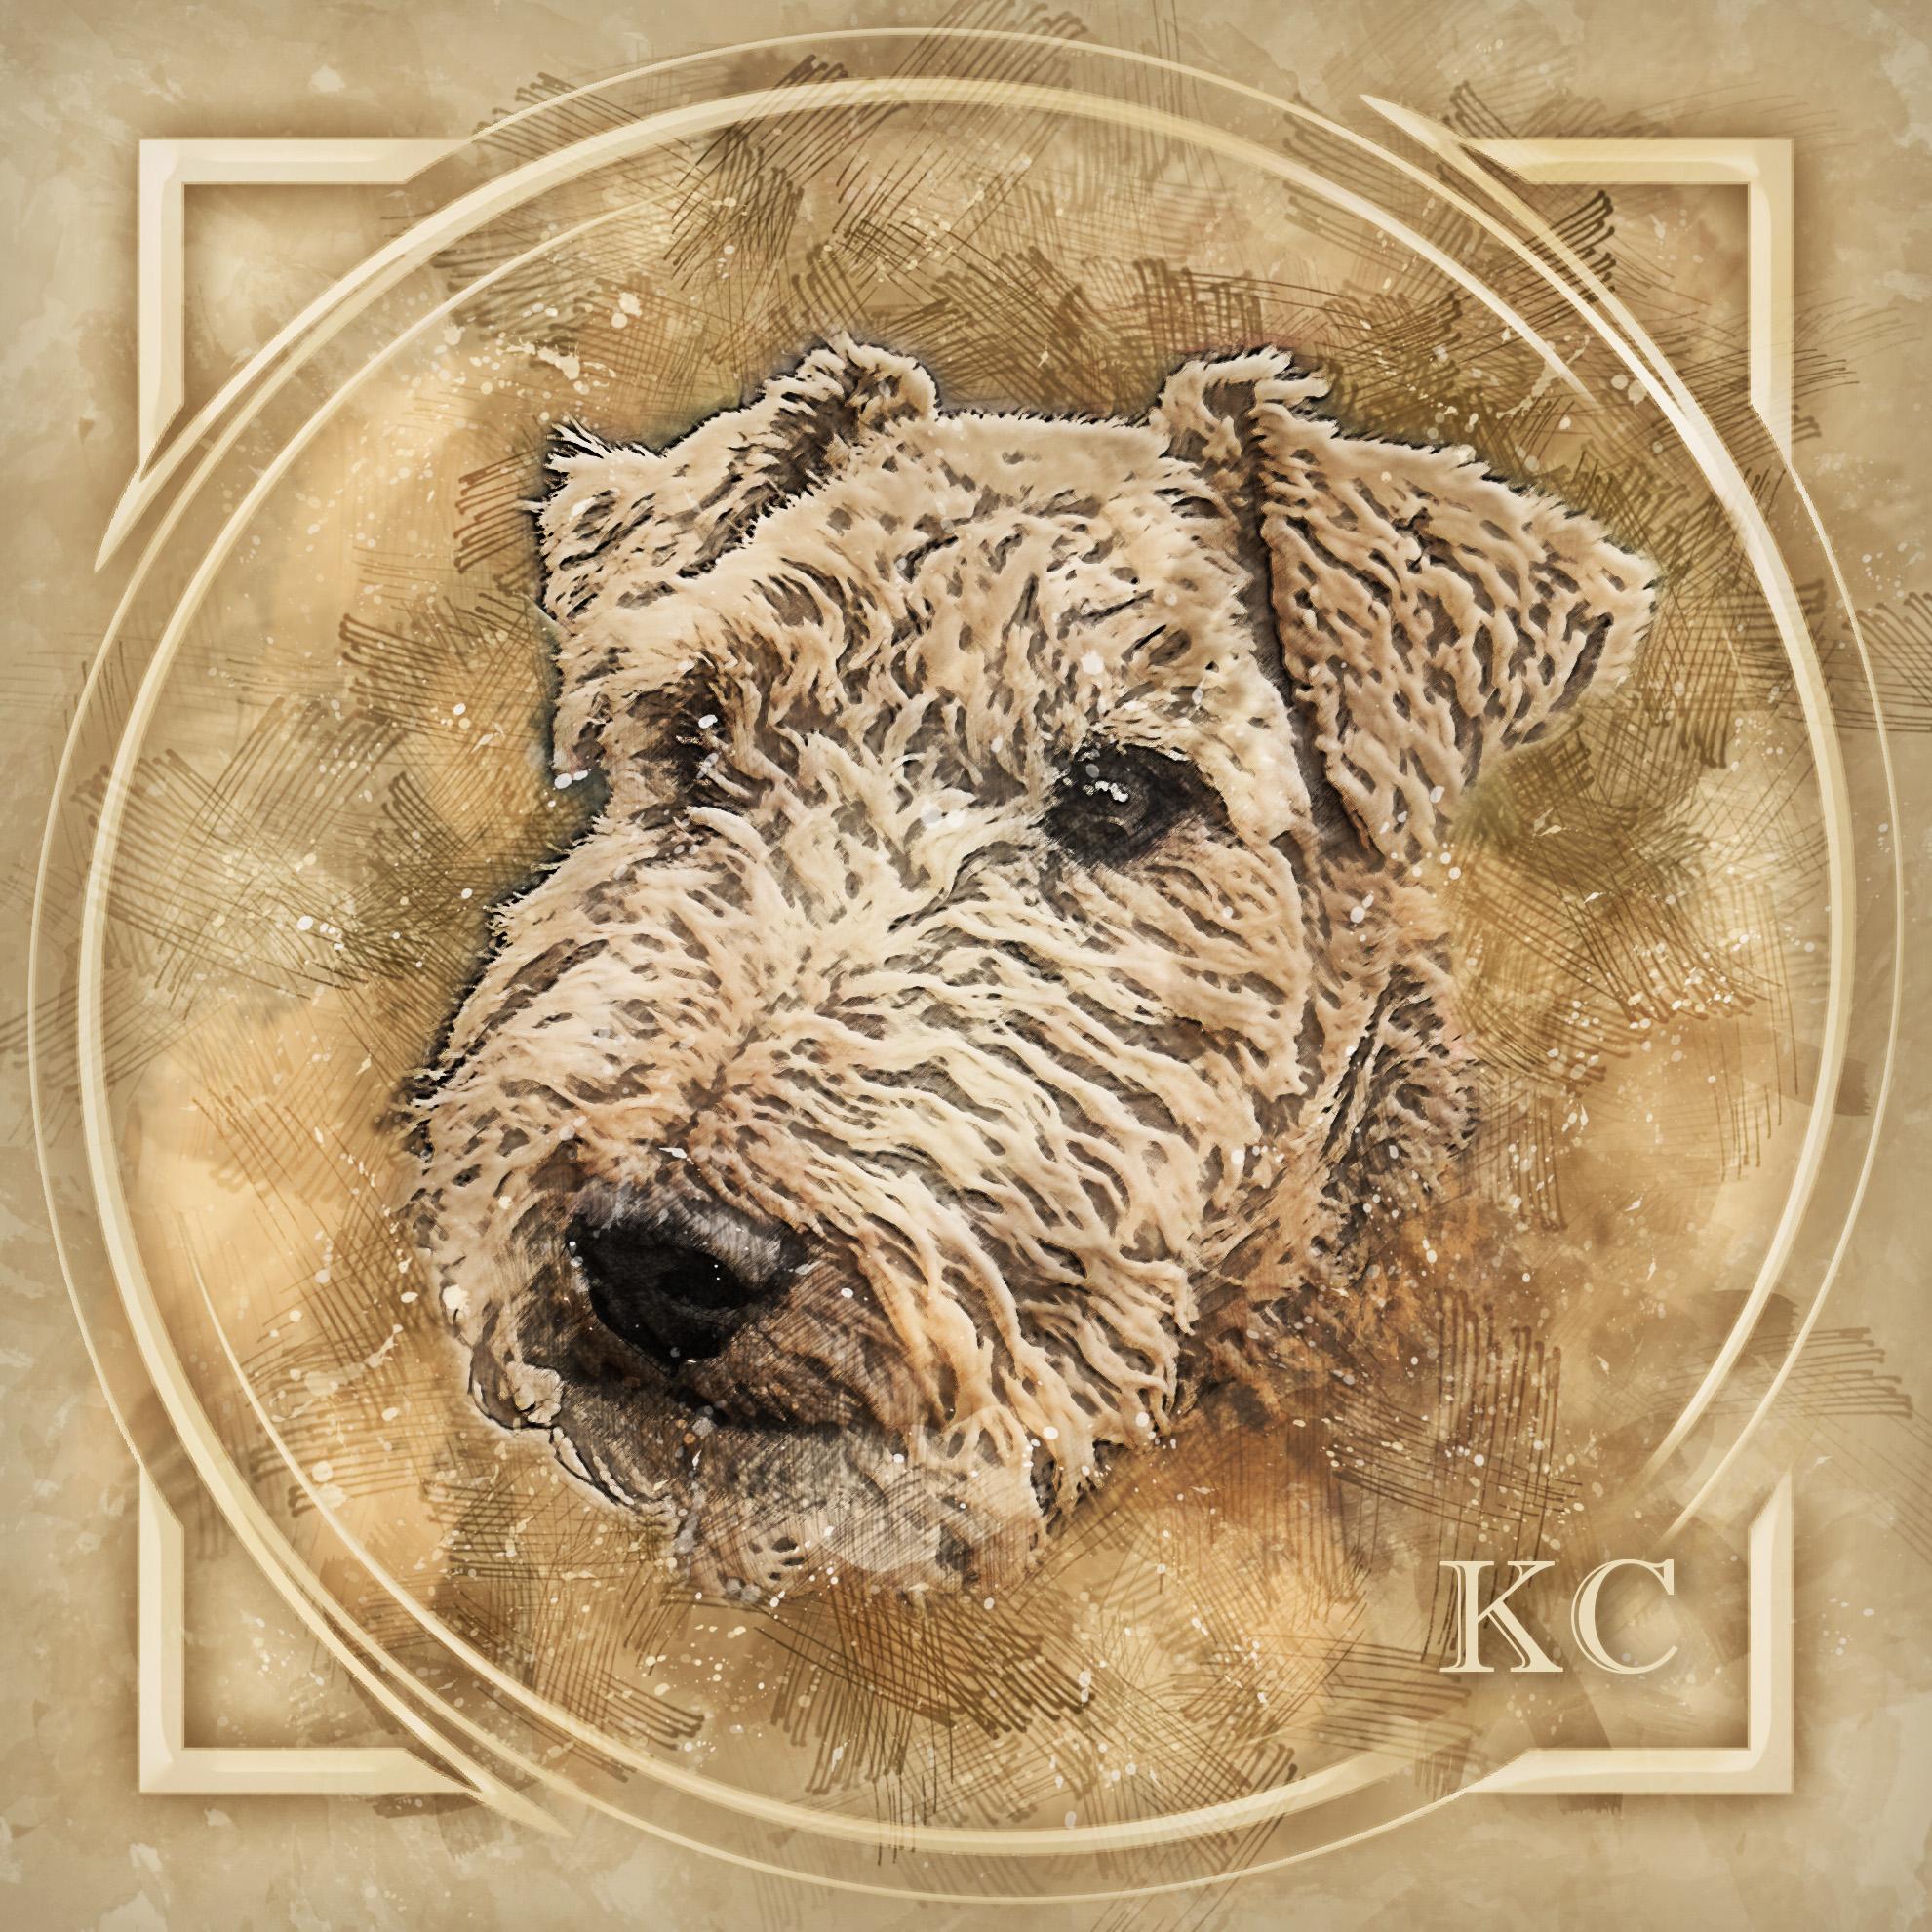 KC-RetroIllustration